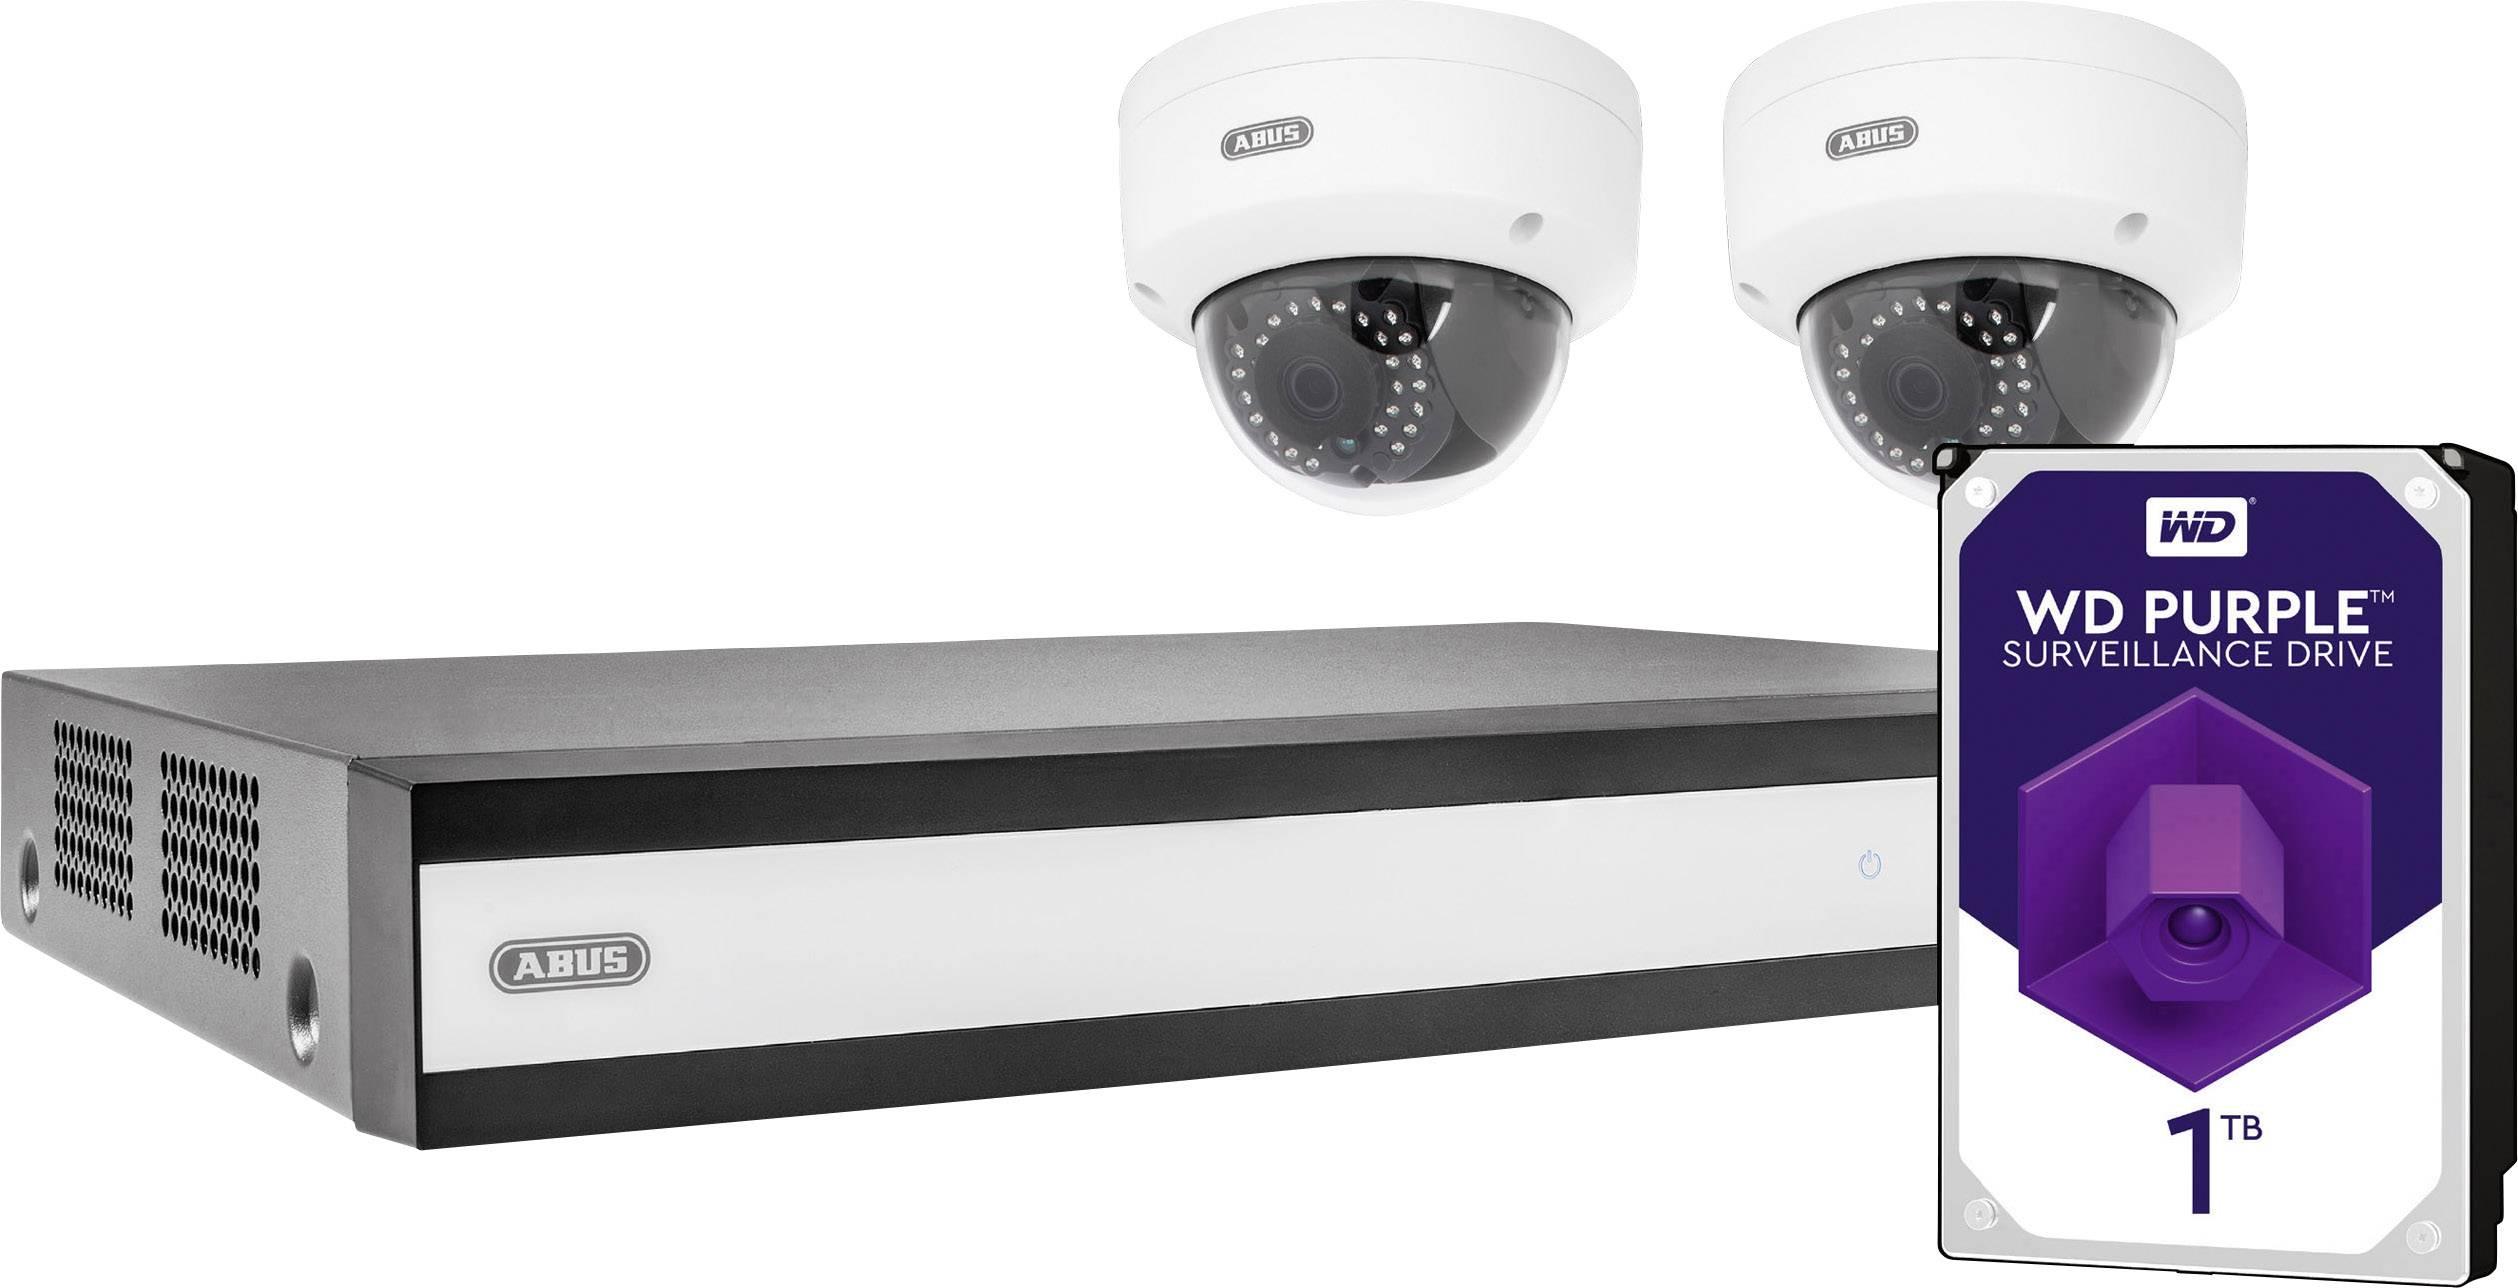 Sada bezpečnostní kamery ABUS TVVR36320D, 4kanálový